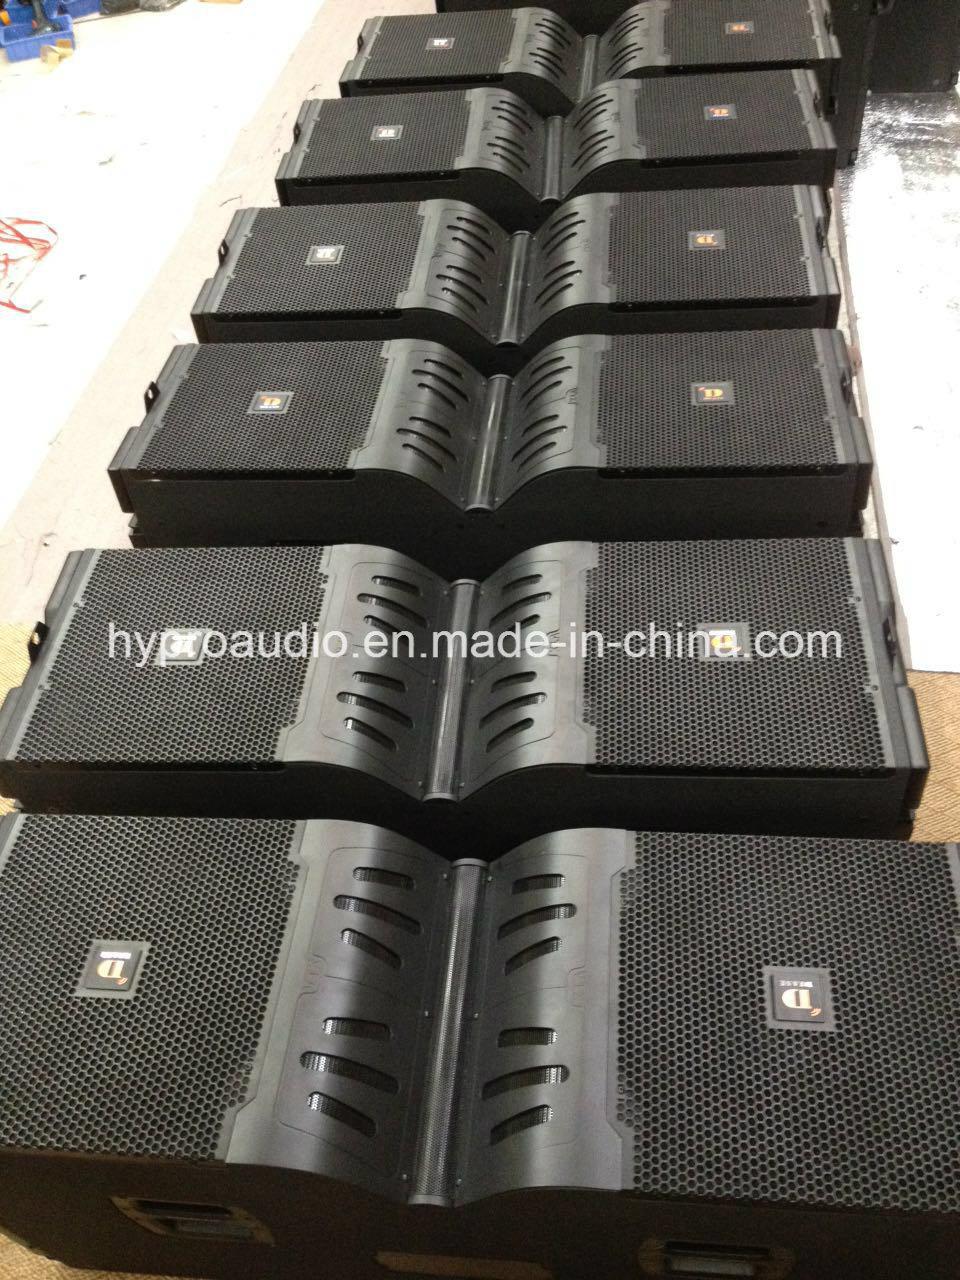 2016 Hot-Sale Line Array V25 All Neodymium Line Array